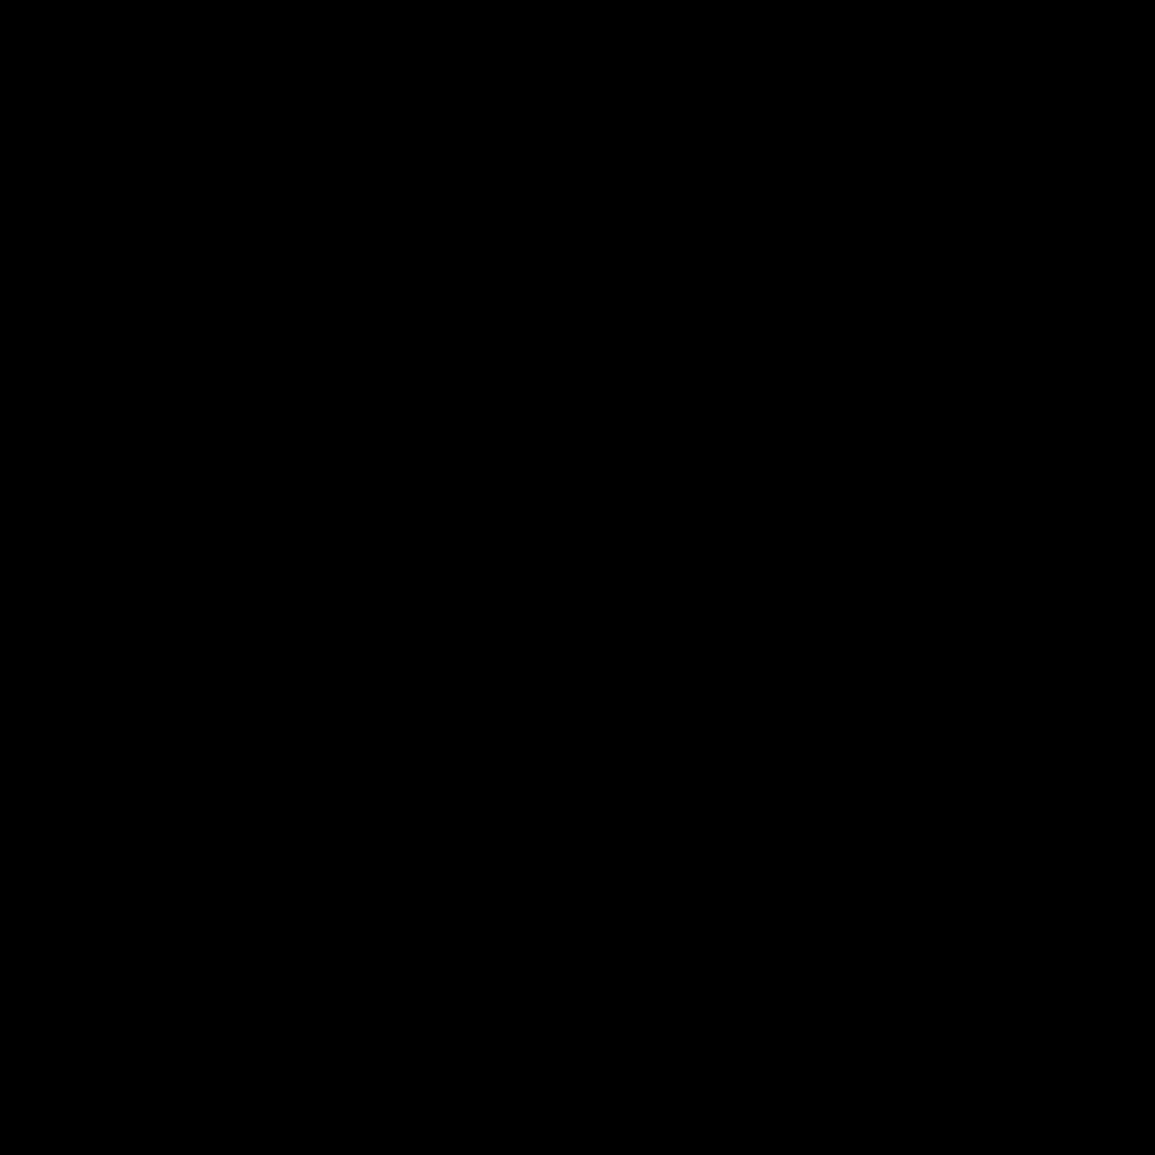 本蘭ゴシック D DHGA 字形見本